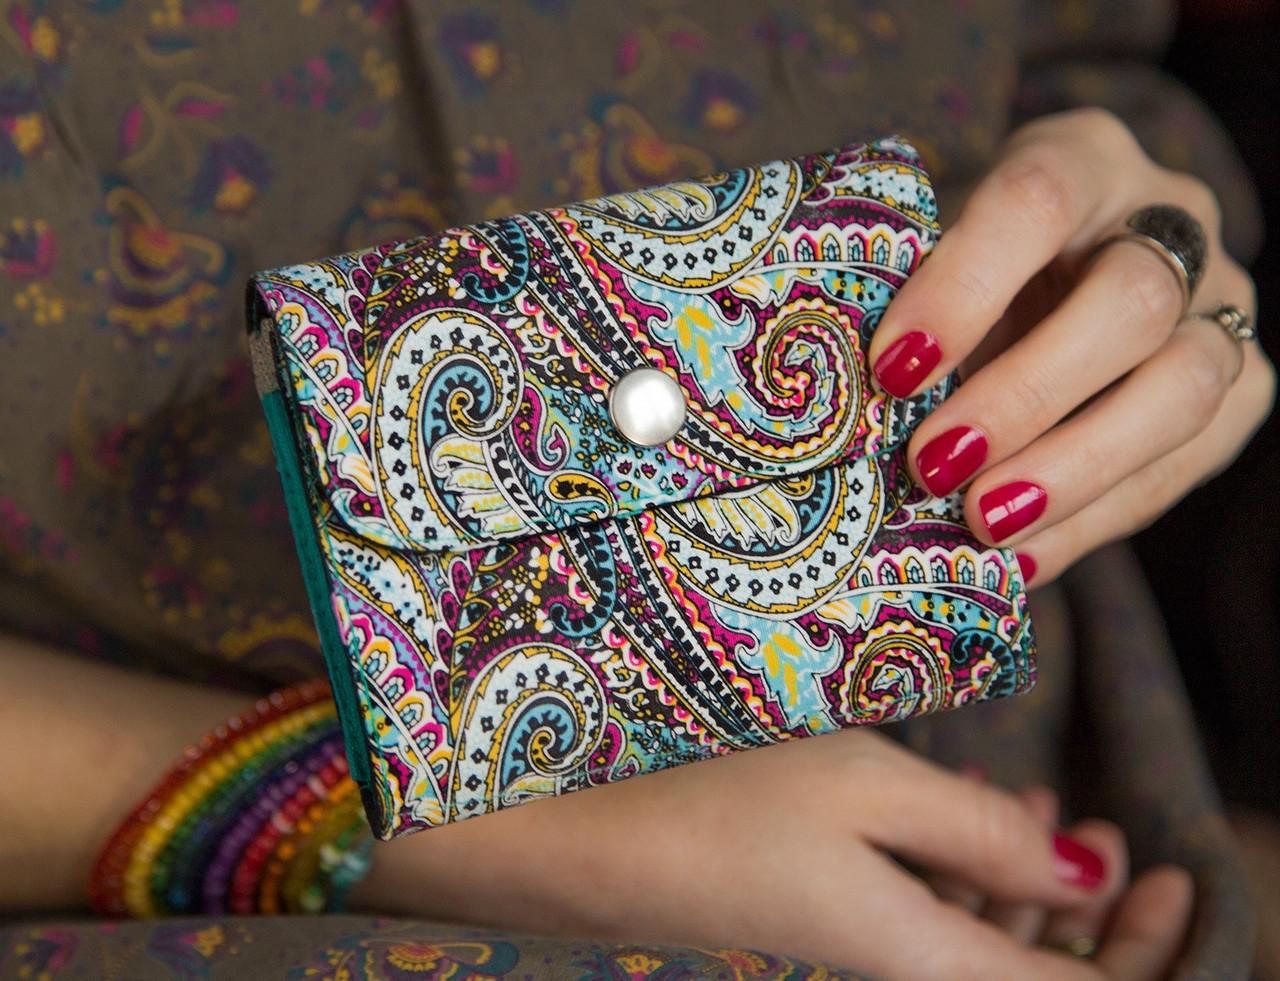 af7bb757b3b8 Женский кошелек ручной работы необычного цвета «Тысяча и Одна Ночь» -  Патриотический интернет-